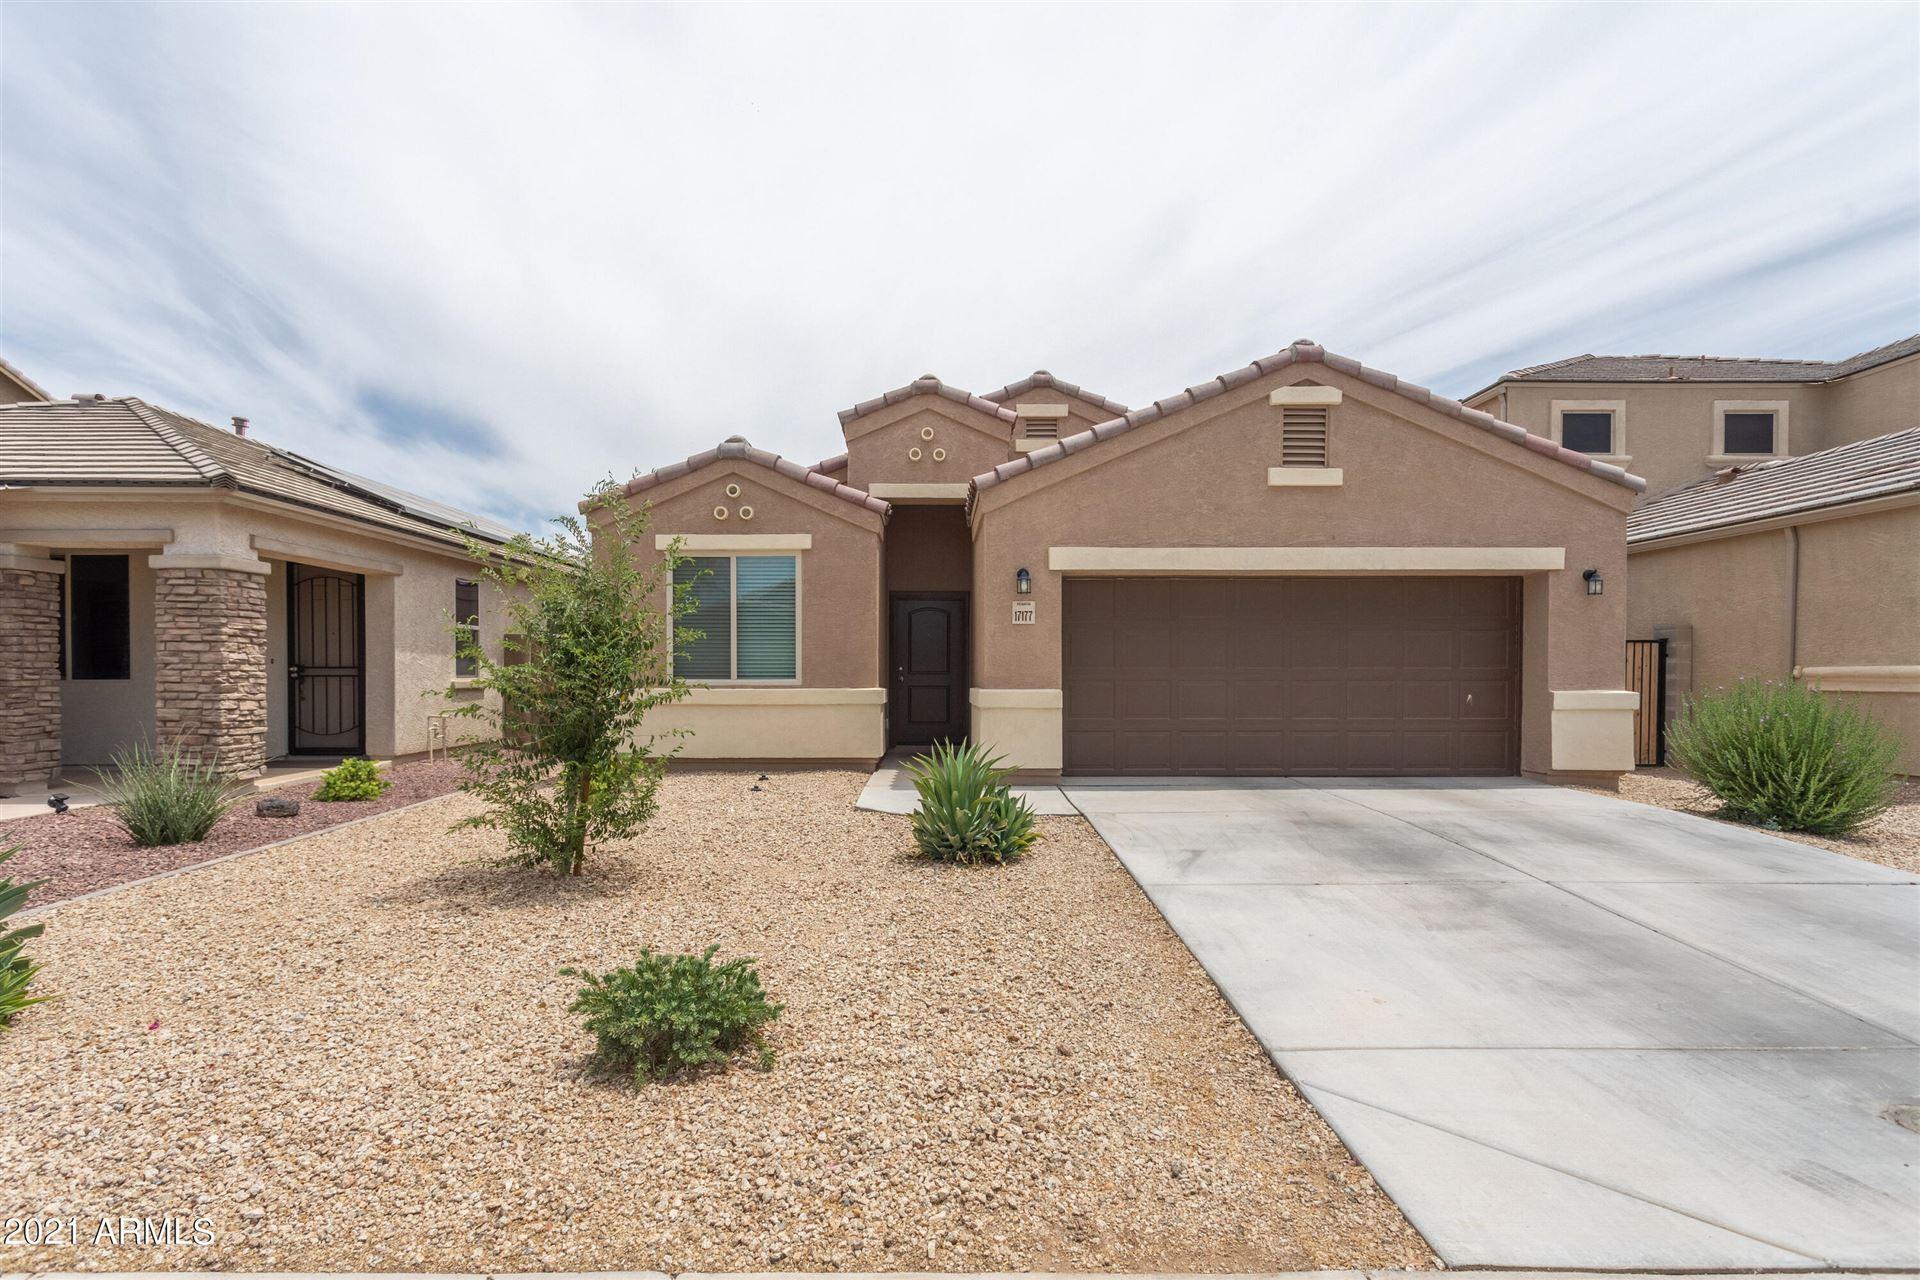 Photo for 17177 N ROSEMONT Street, Maricopa, AZ 85138 (MLS # 6244767)